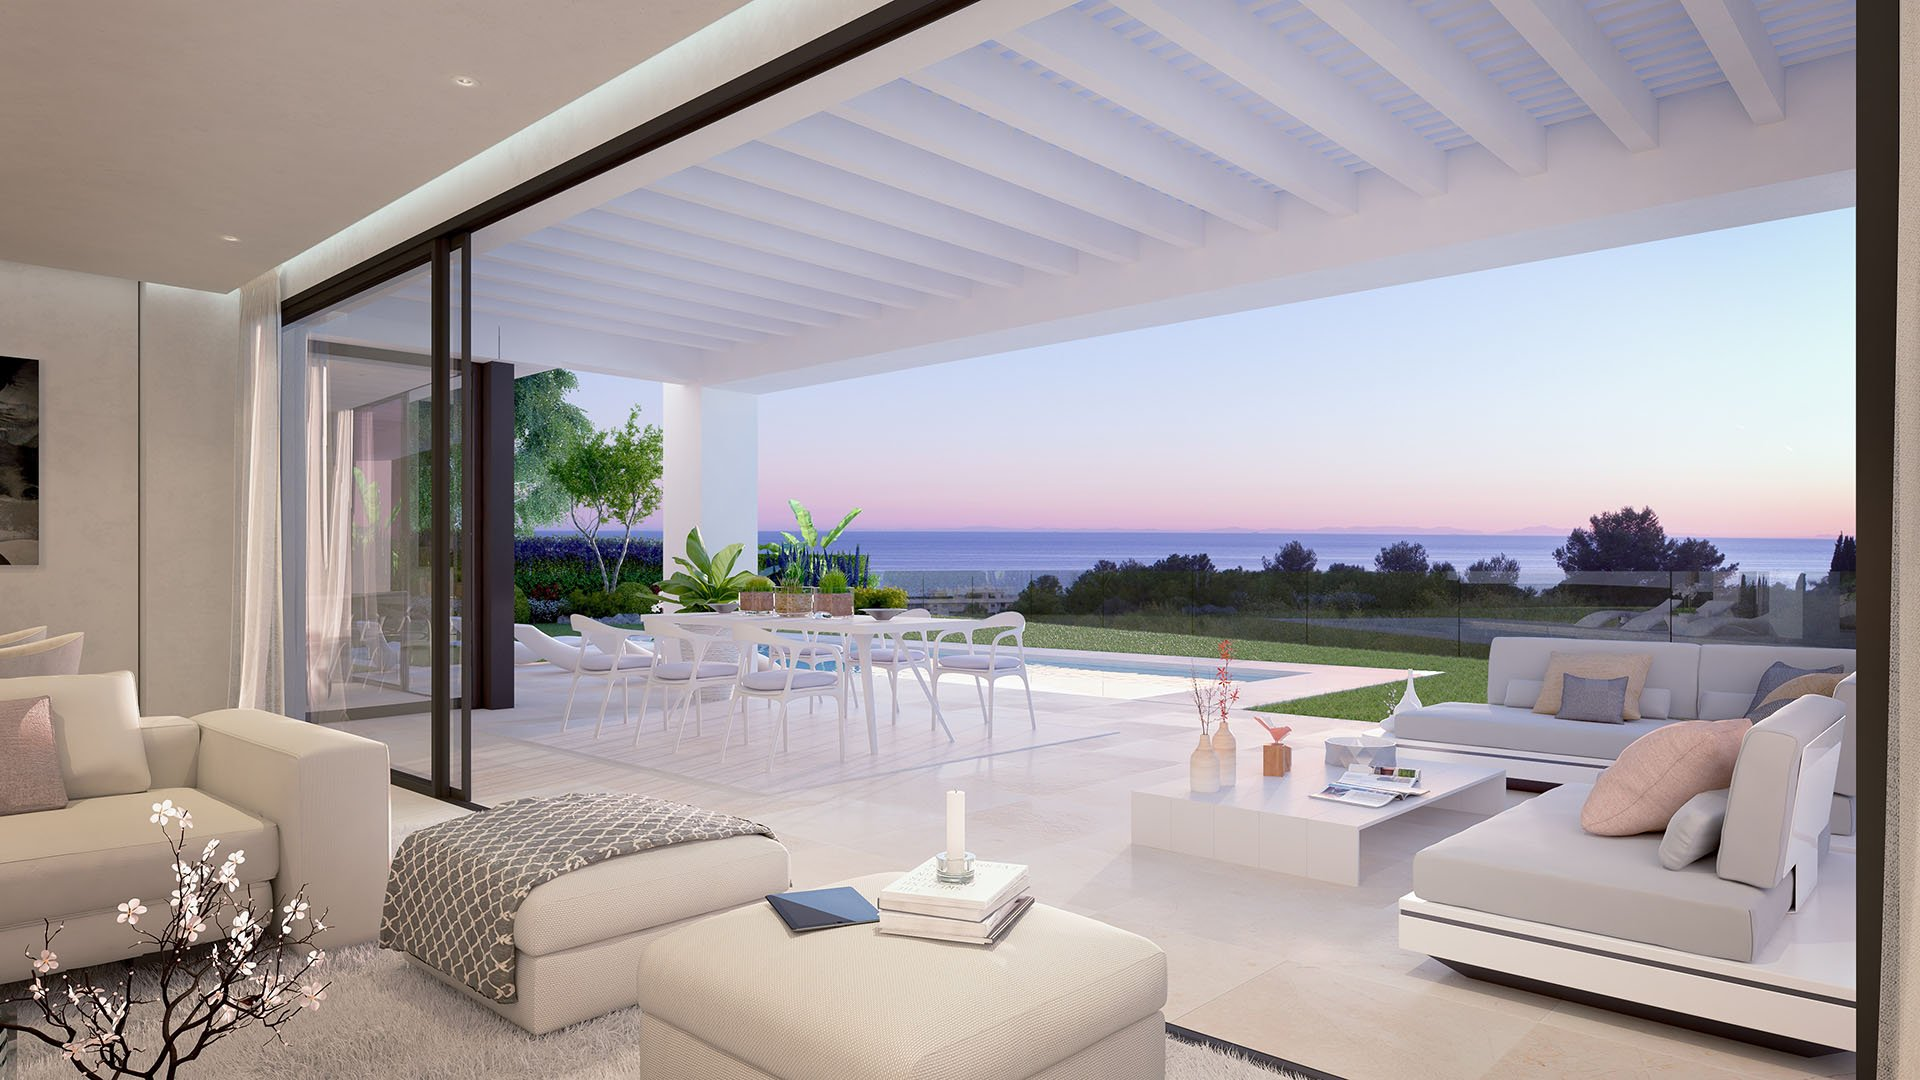 CaboRoyale: Luxe villa met zeezicht op wandelafstand van het strand